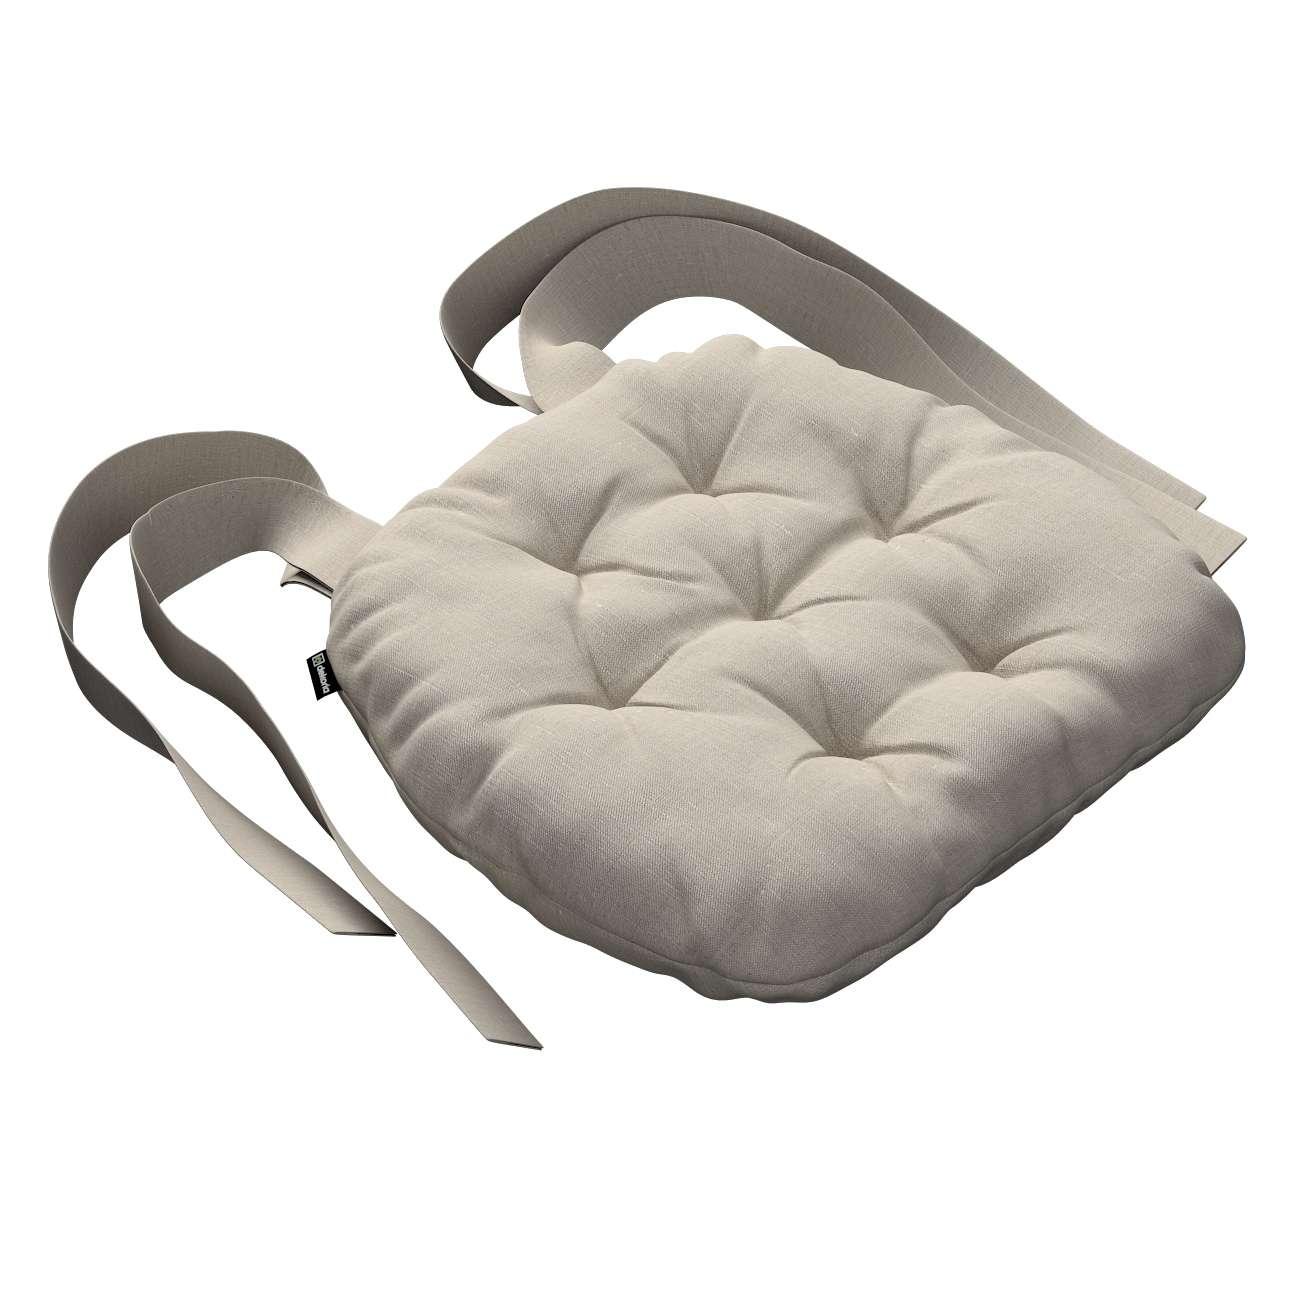 Siedzisko Marcin na krzesło 40x37x8cm w kolekcji Linen, tkanina: 392-05